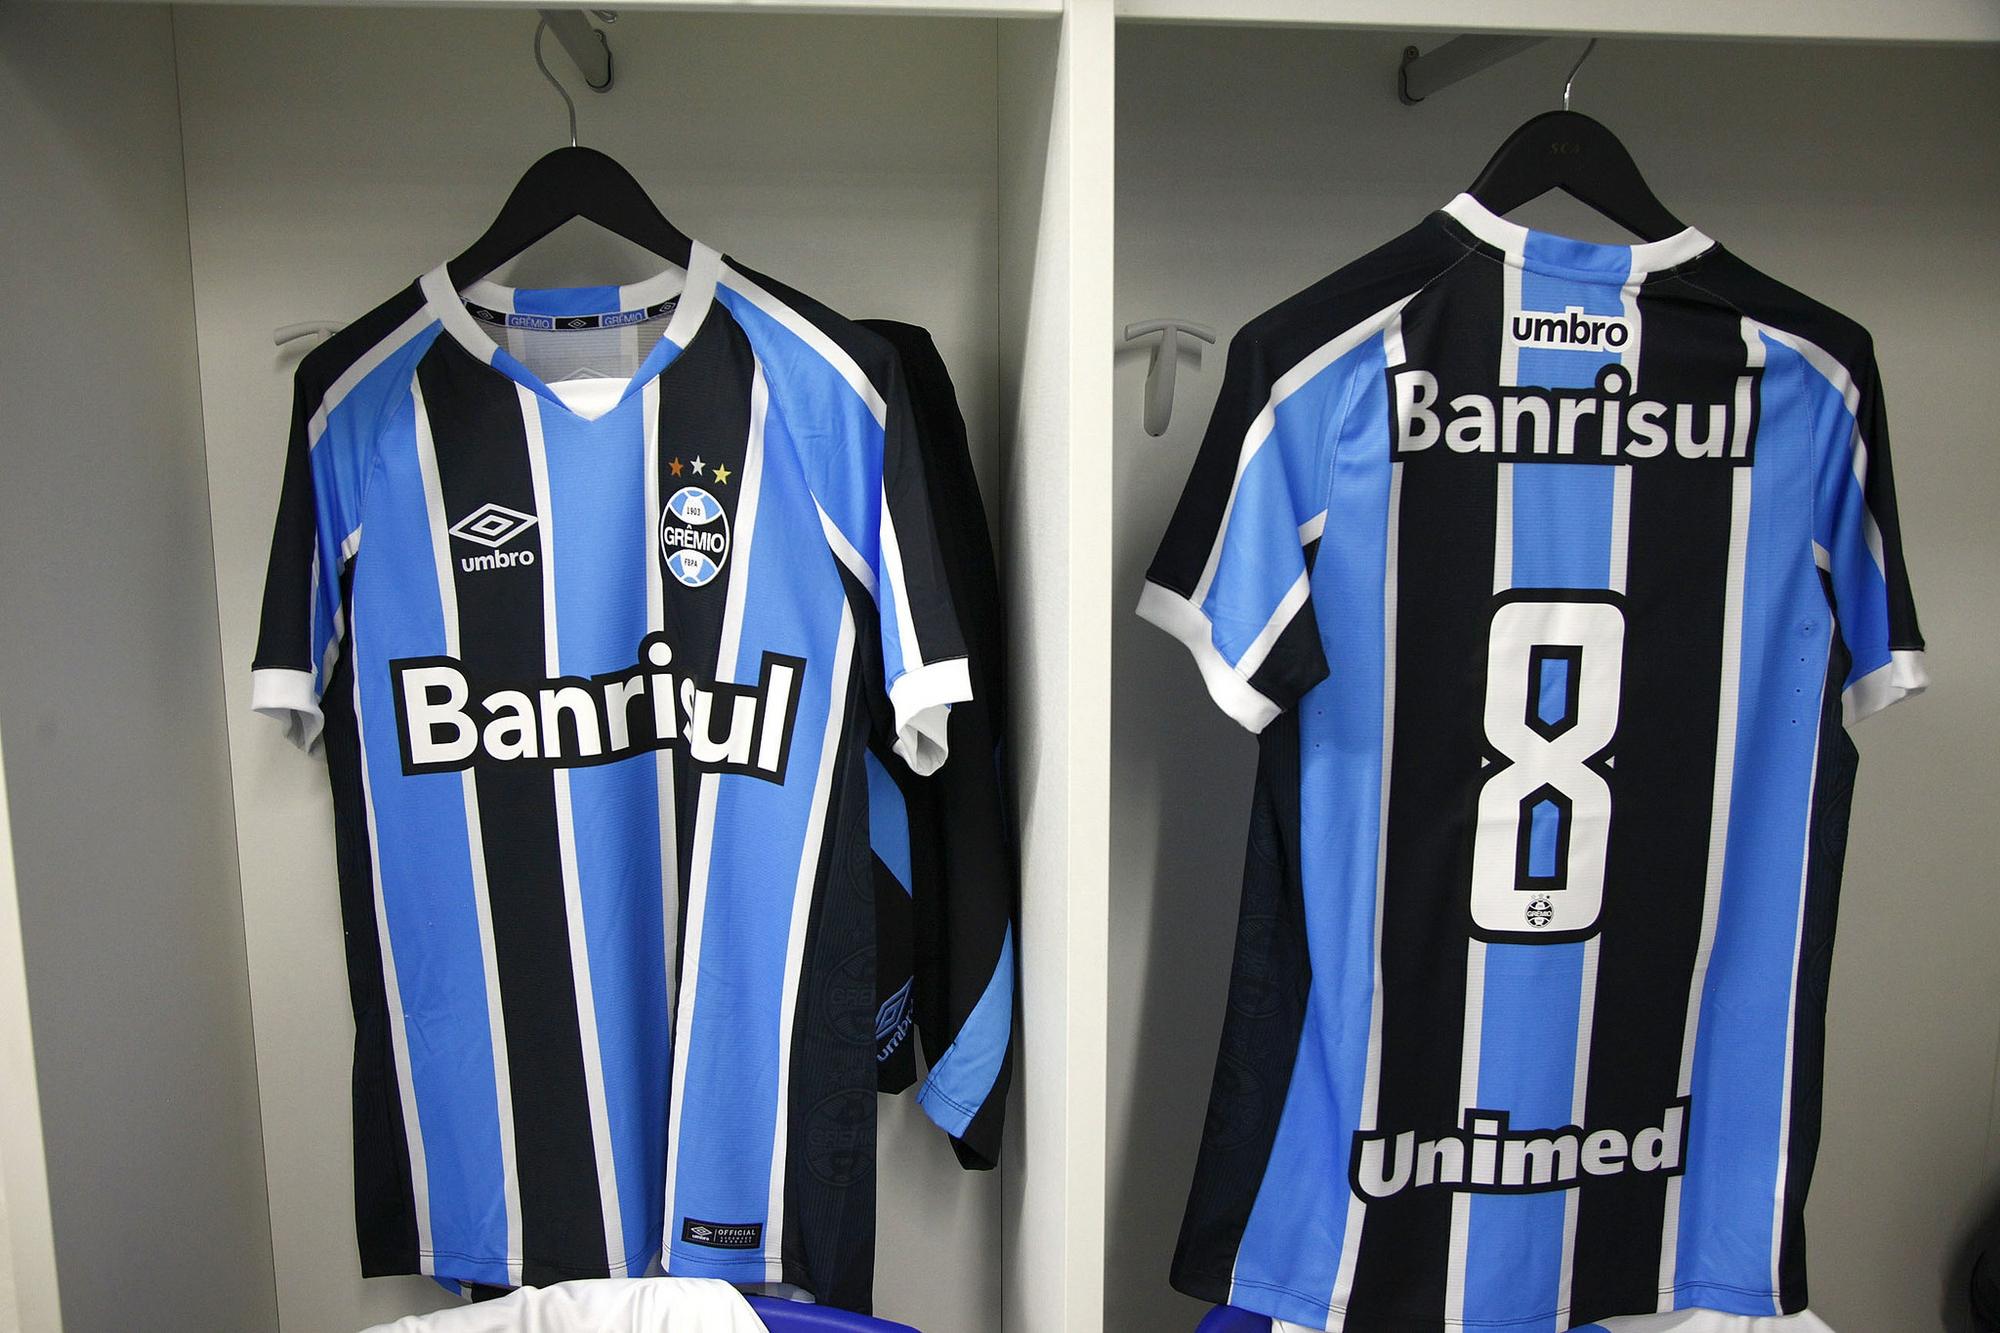 c019f2eba4 Grêmio apresenta novos uniformes em amistoso contra o Danubio-URU